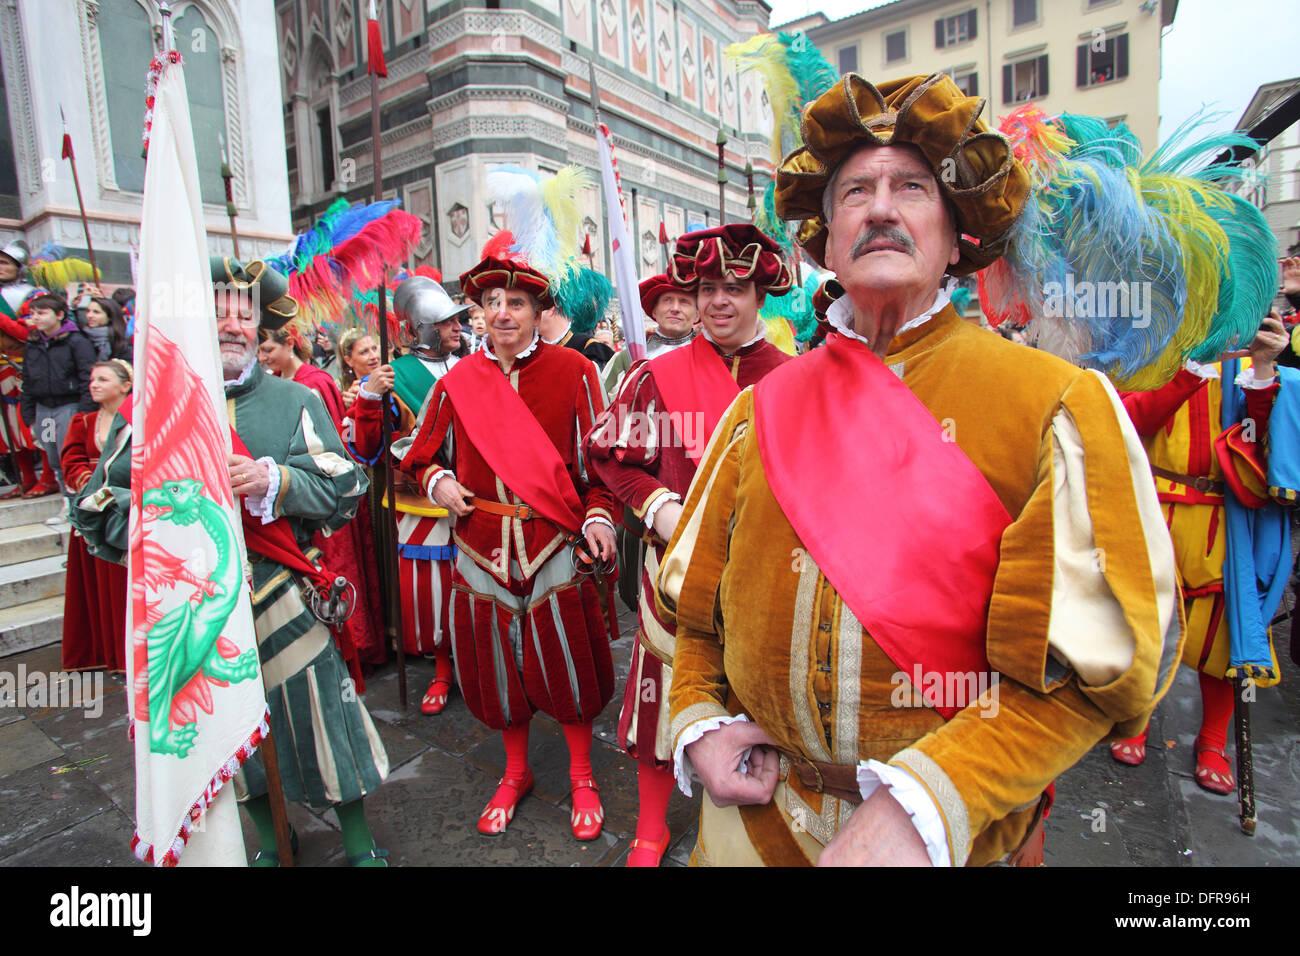 Italia Toscana Florencia El Estallido del Carro vestidos medievales. Imagen De Stock